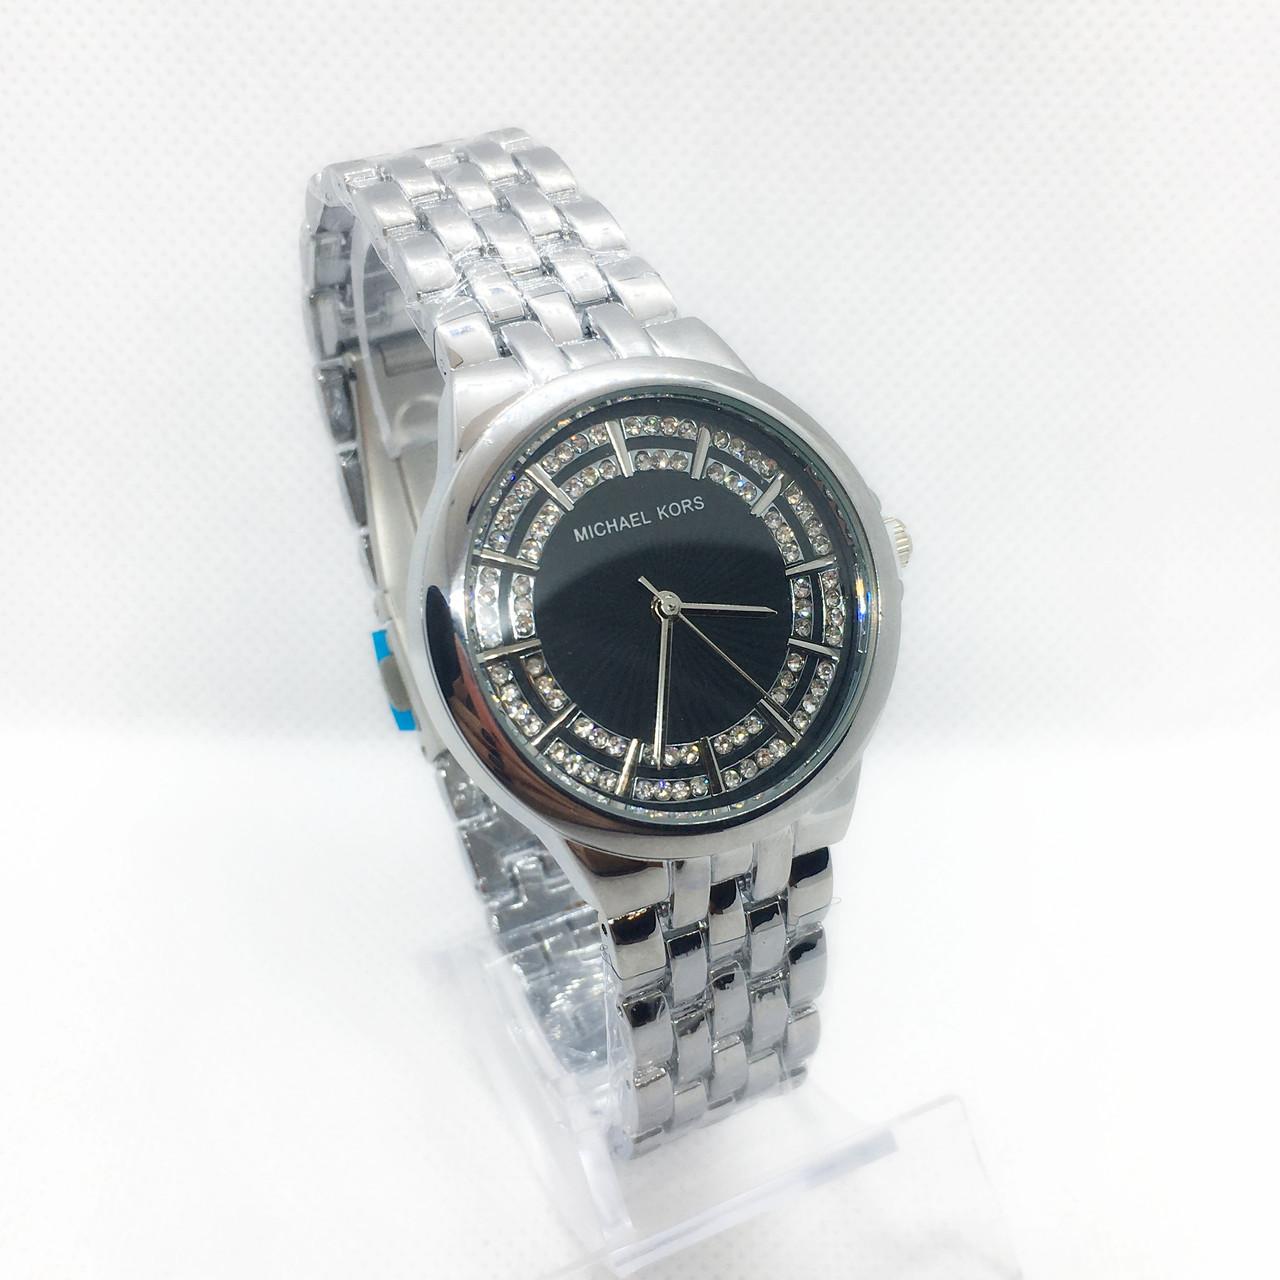 Часы женские наручные в стиле Mісhаеl Коrs (Майкл Корс), серебро с черным циферблатом ( код: IBW309SB )